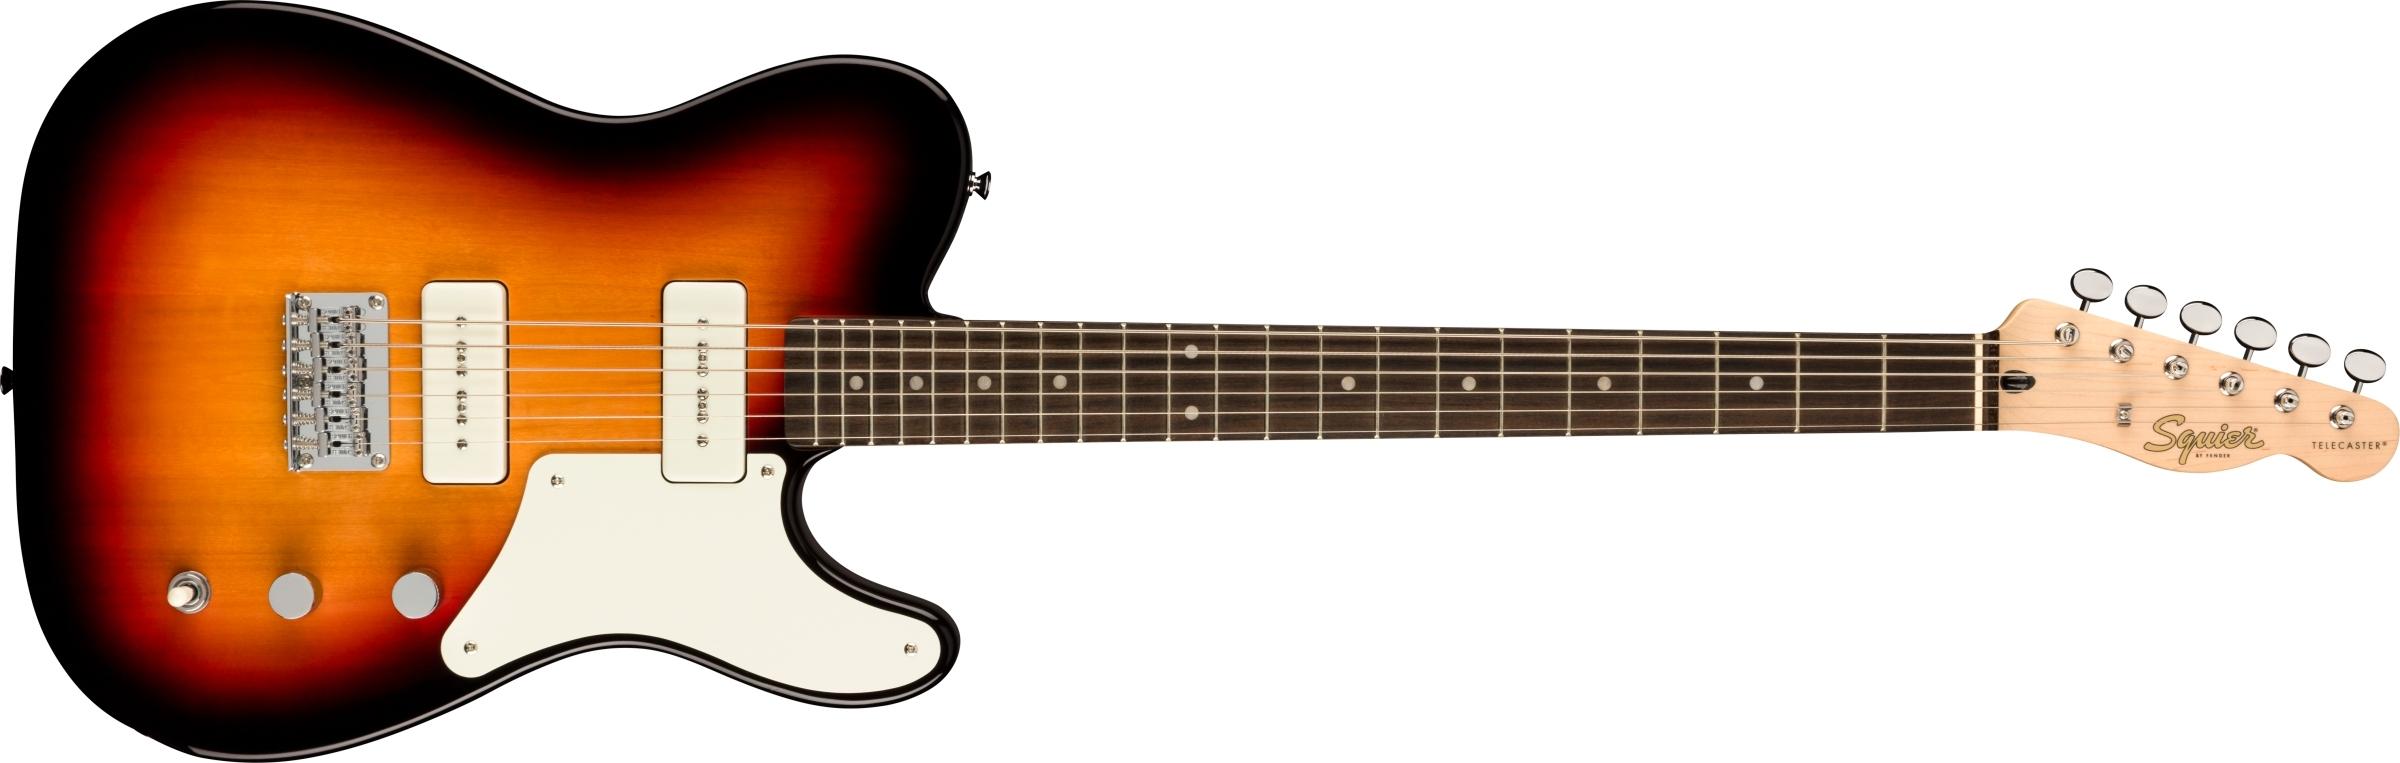 ギターの写真  自動的に生成された説明